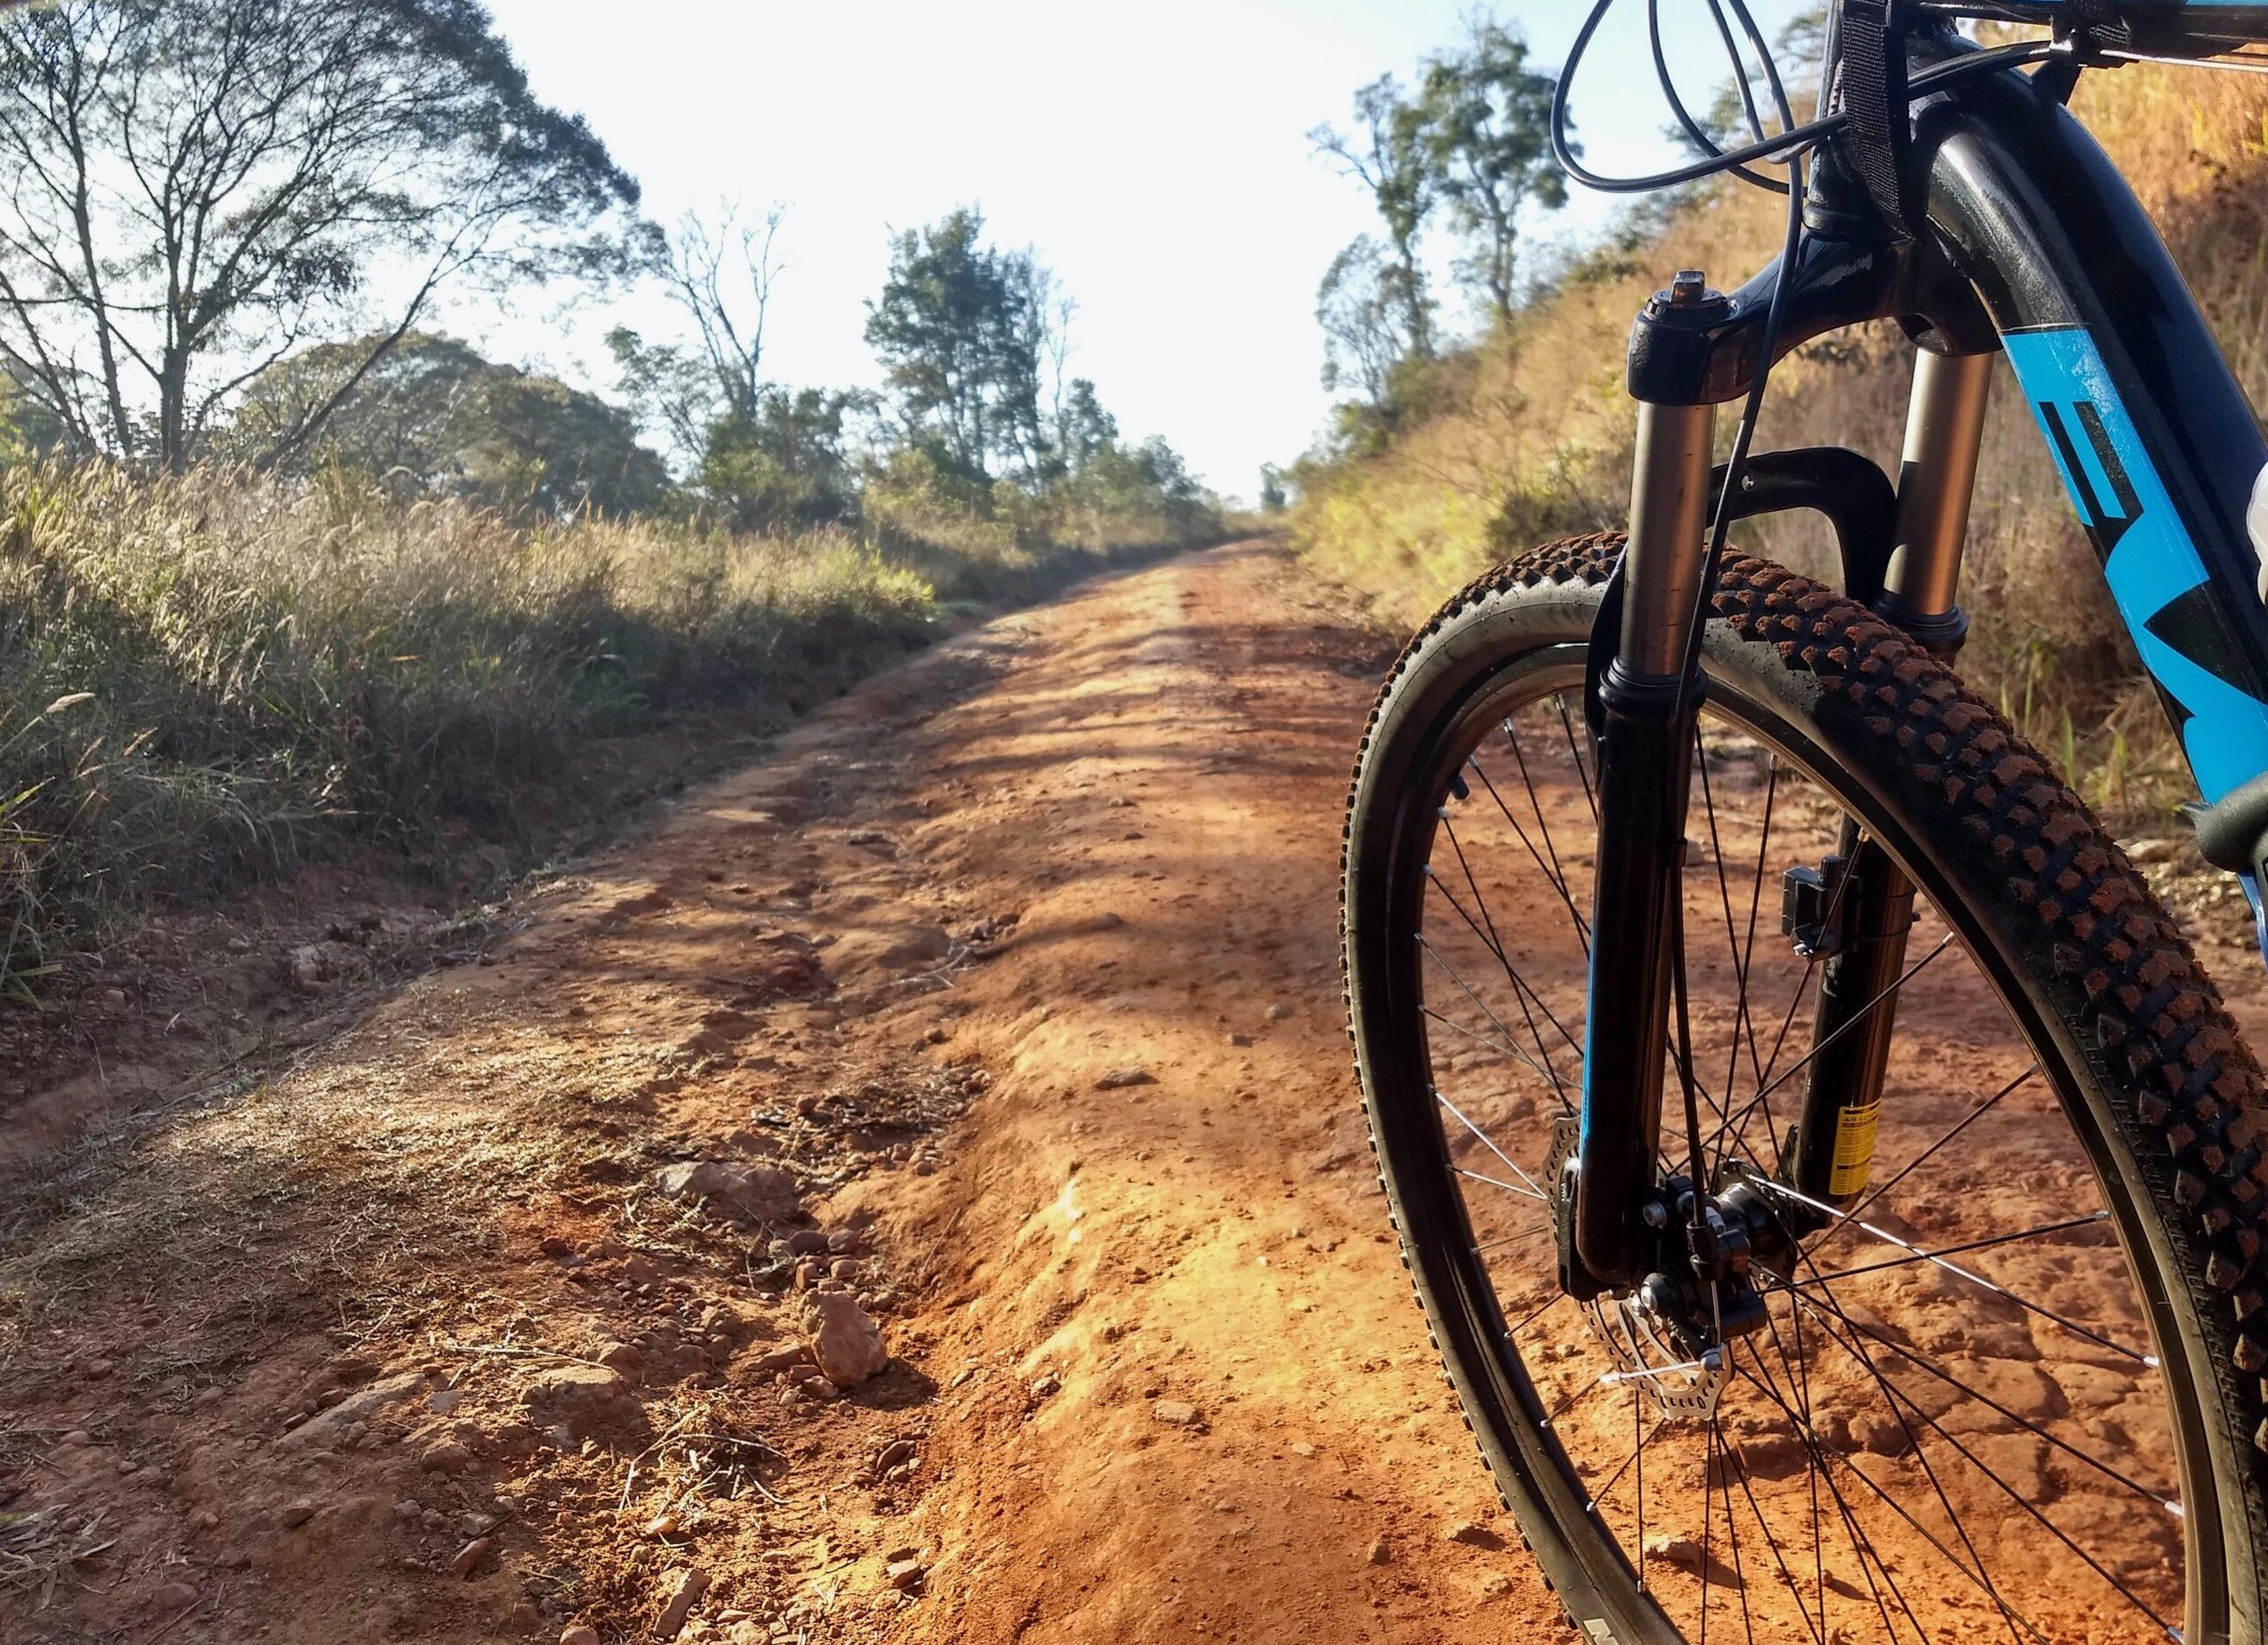 black mountain bike on brown dirt road during daytime